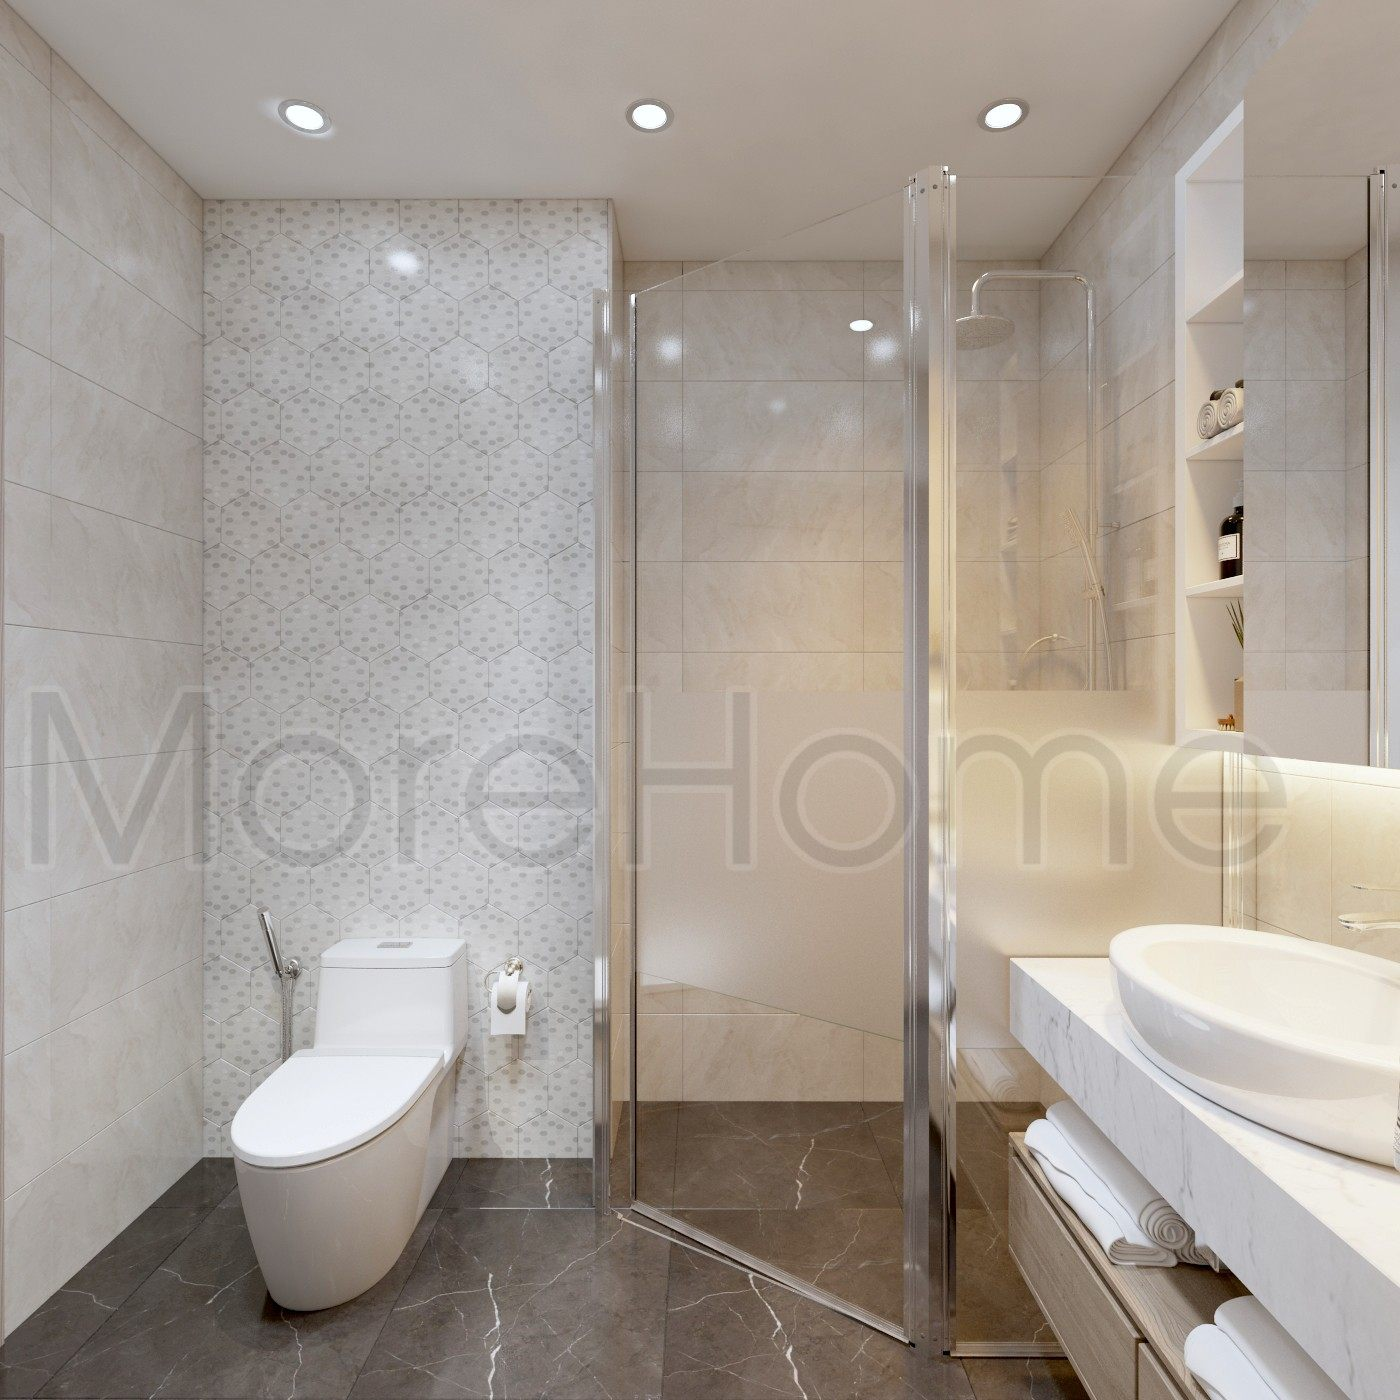 Thiết kế nội thất phòng tắm nhà phố Vạn Phúc Thủ Đức